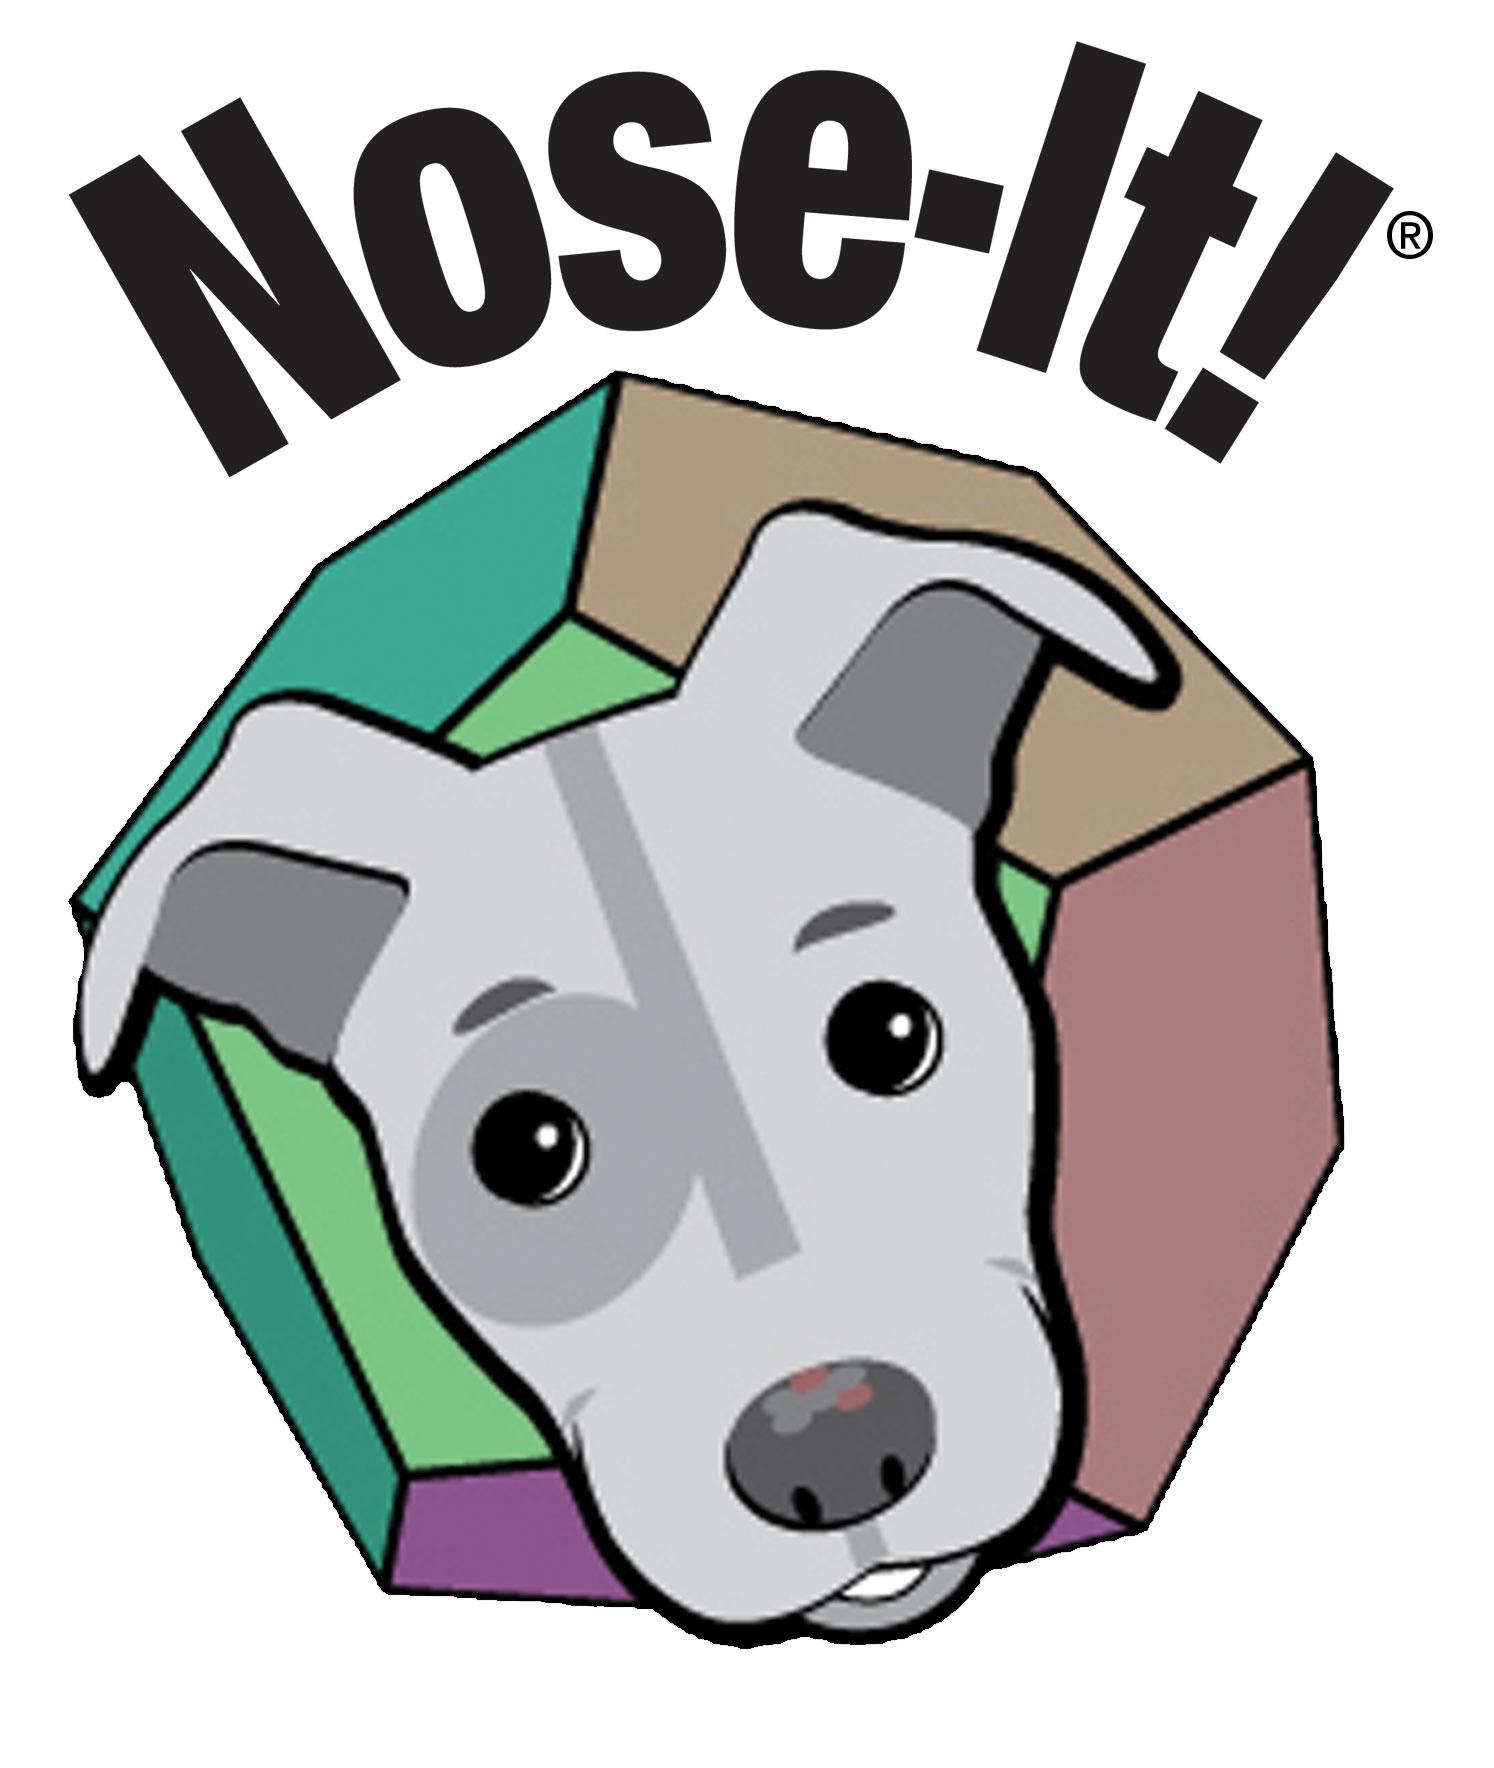 https://bowwowsatno7.co.uk/wp-content/uploads/2019/09/nose-it-Dog-Logo.jpg